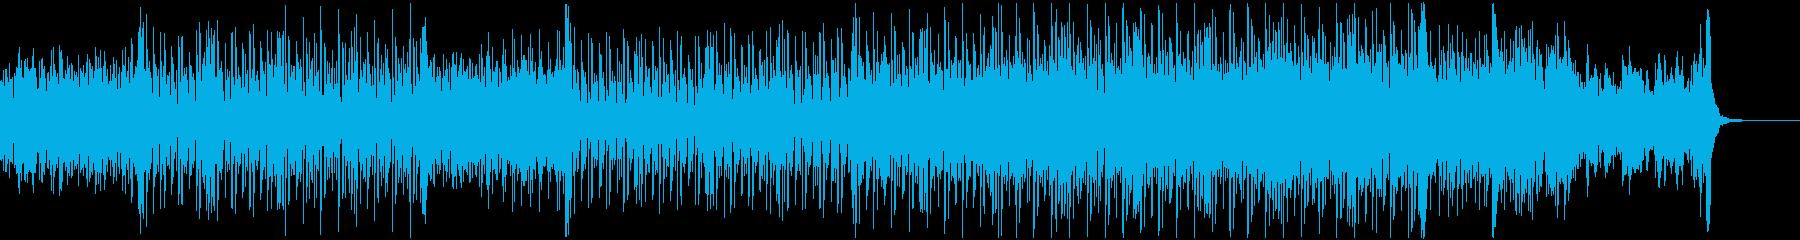 とにかく使い勝手の良いBGM【1】の再生済みの波形